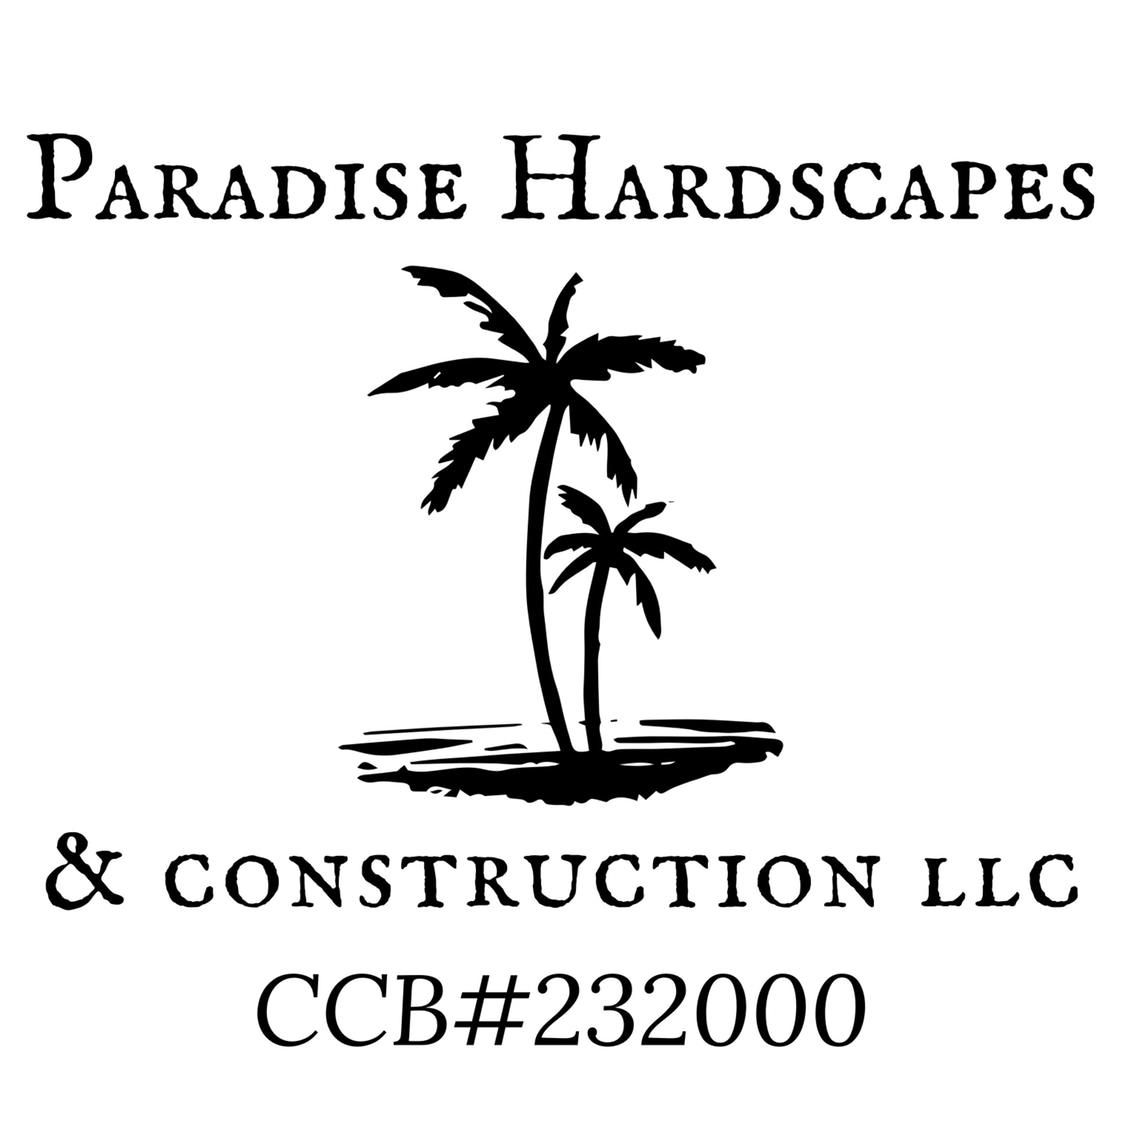 Paradise Hardscapes & Construction LLC logo